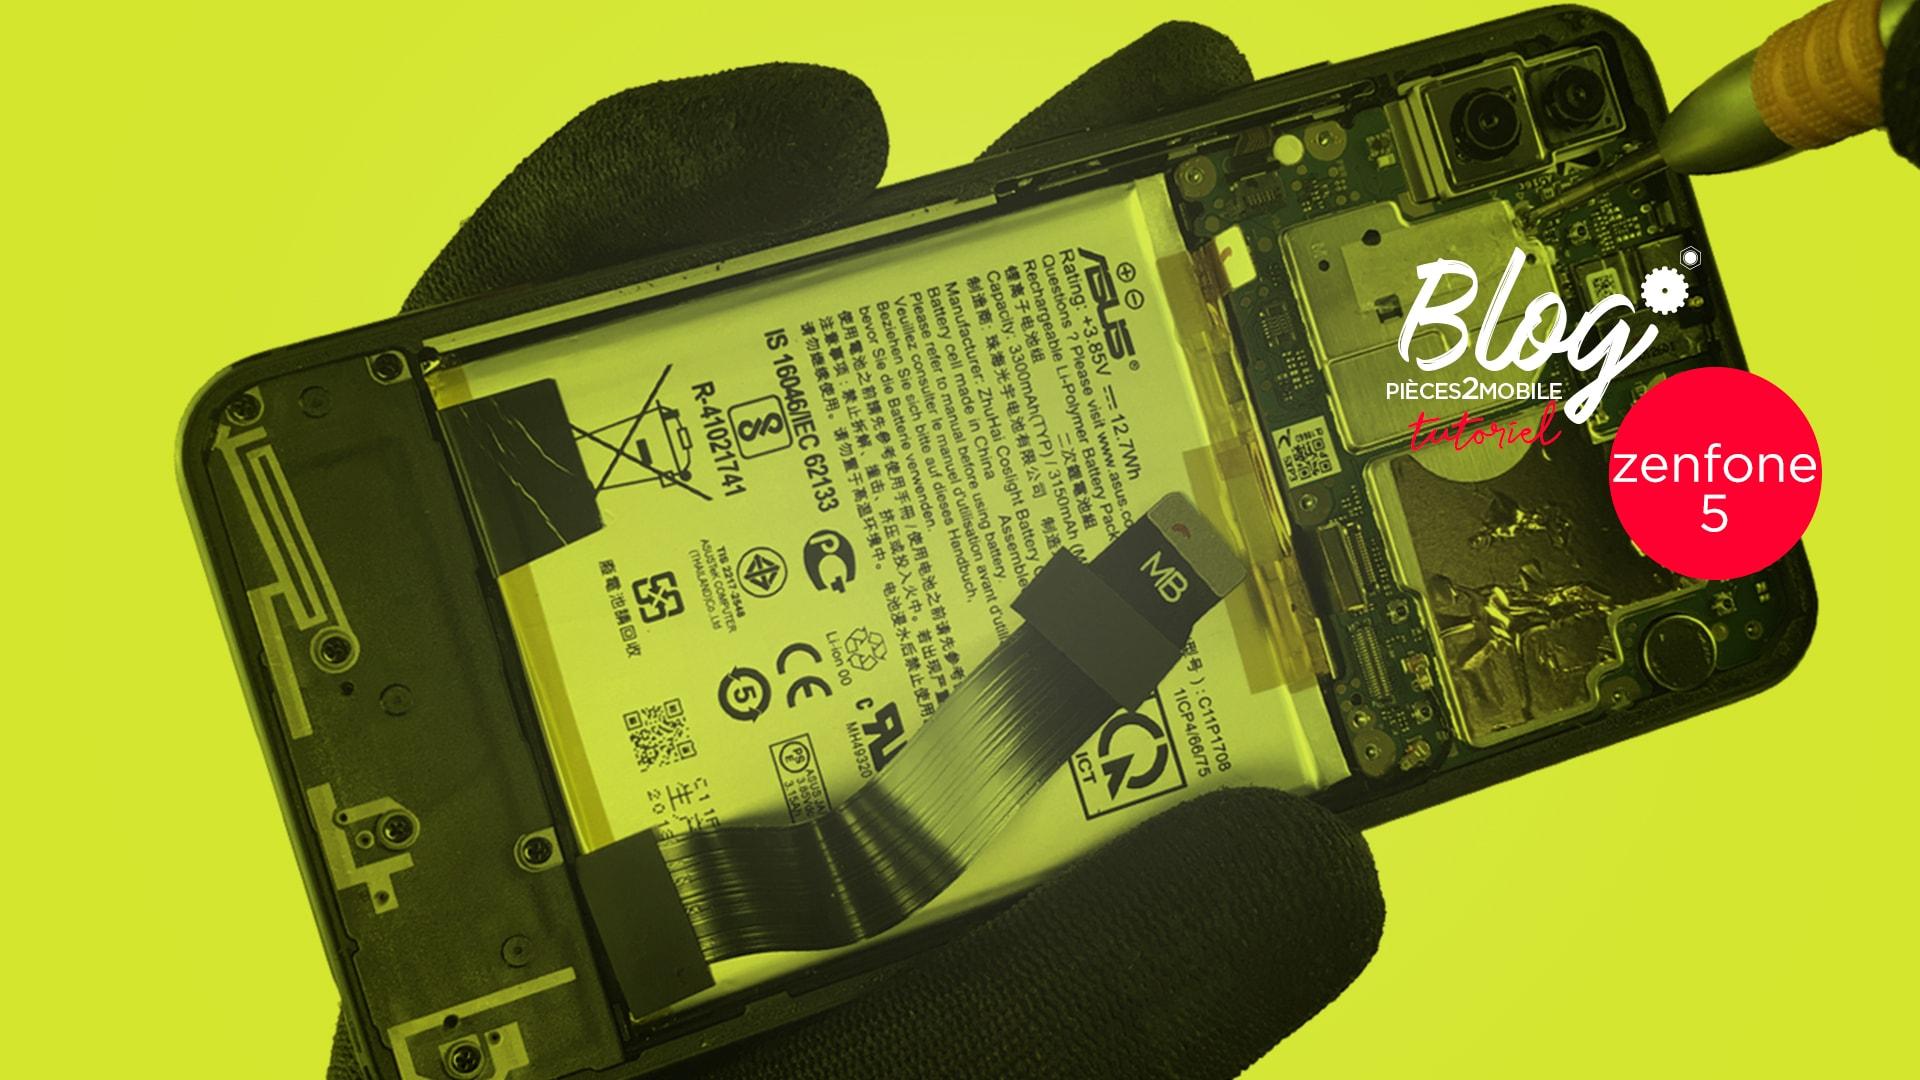 Démontage complet du Asus Zenfone 5